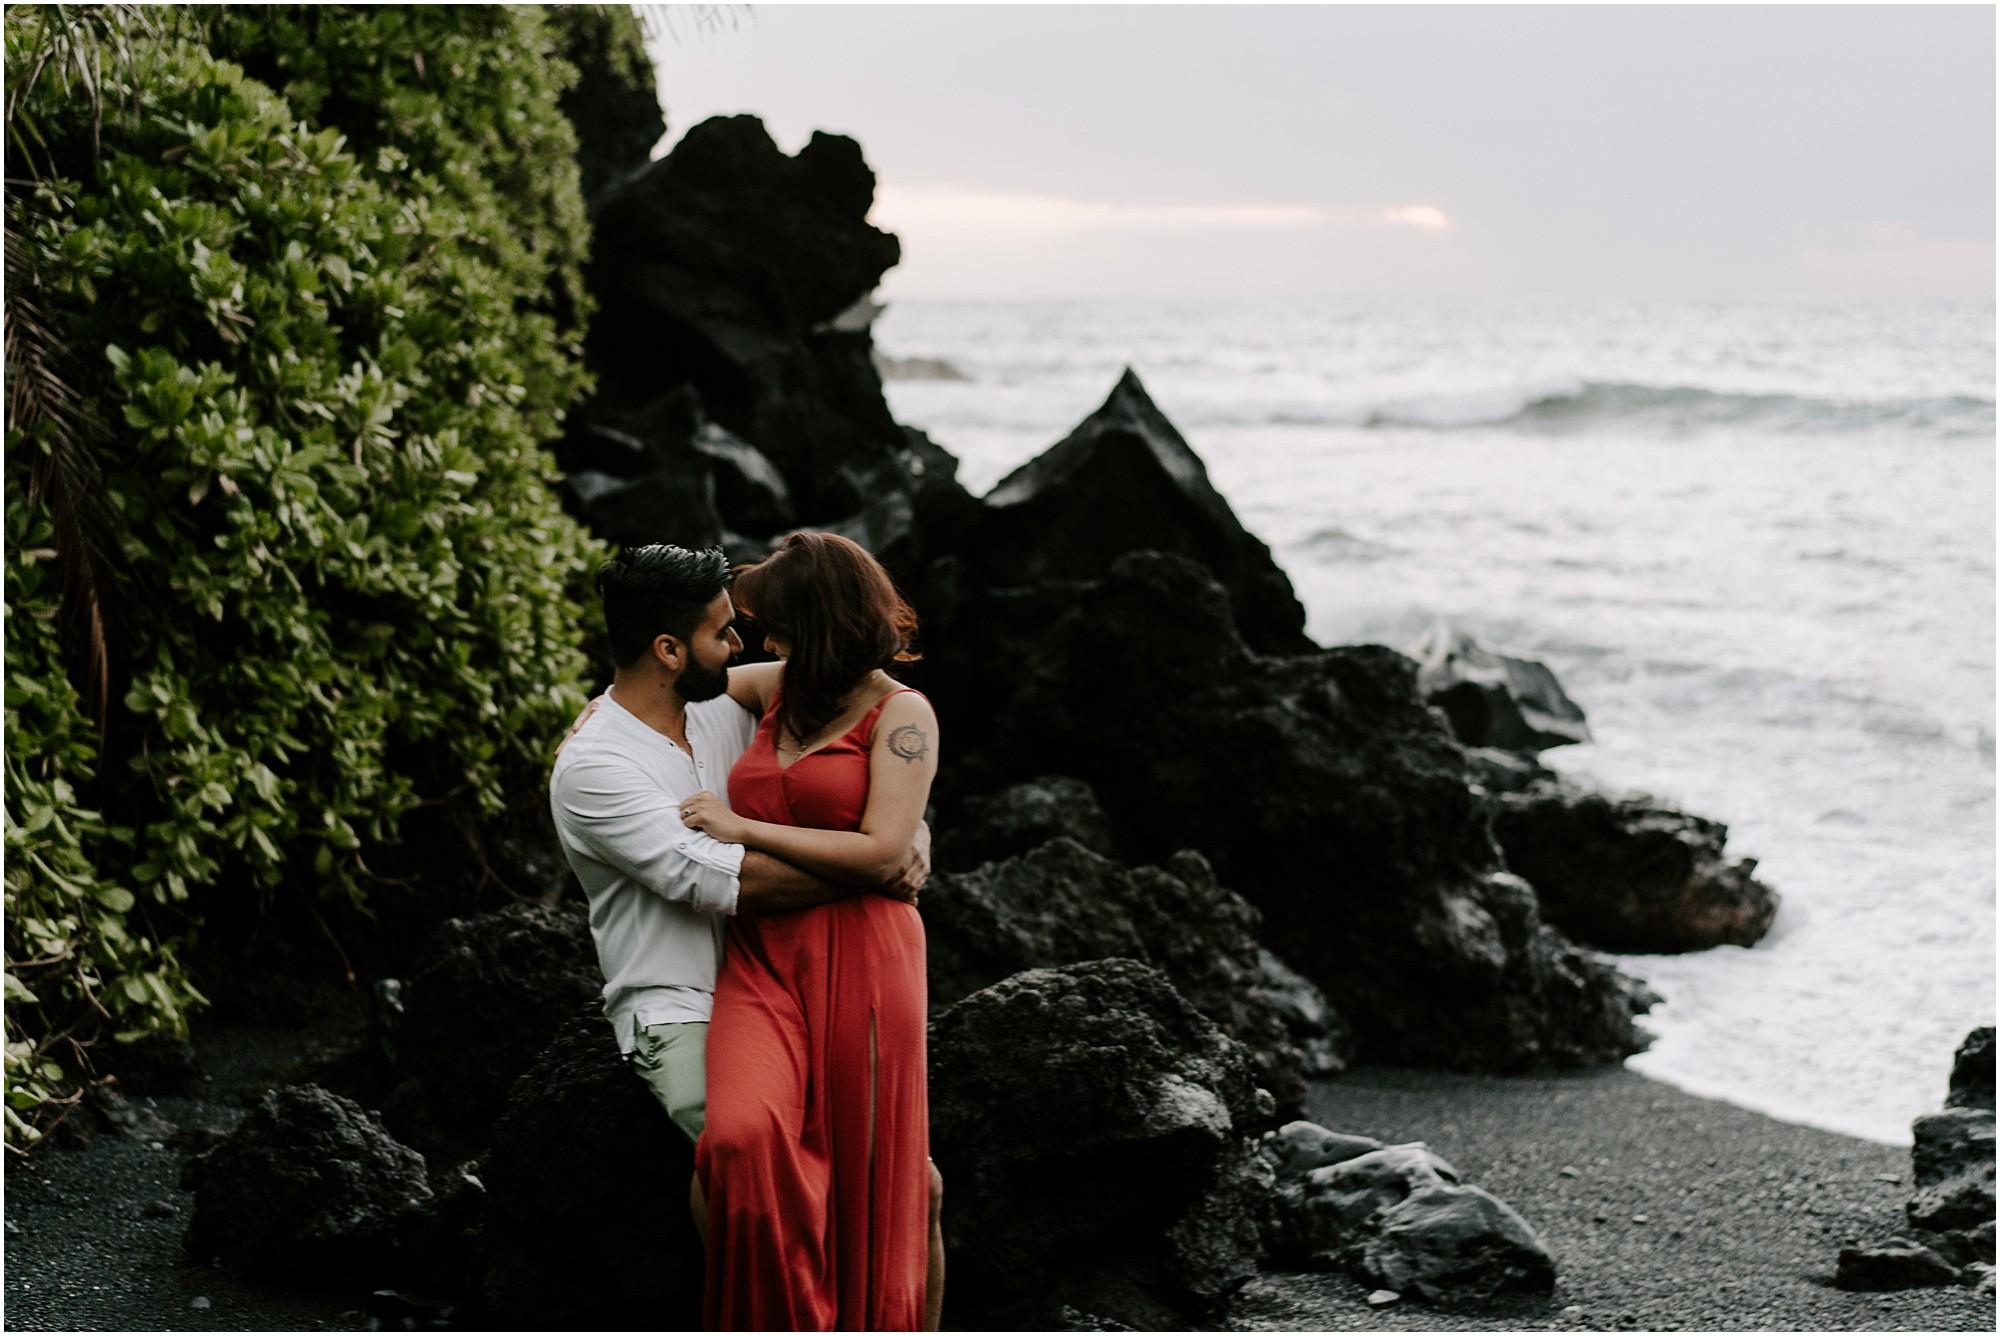 black-sand-beach-maui-hawaii-elopement-photographer_0010.jpg